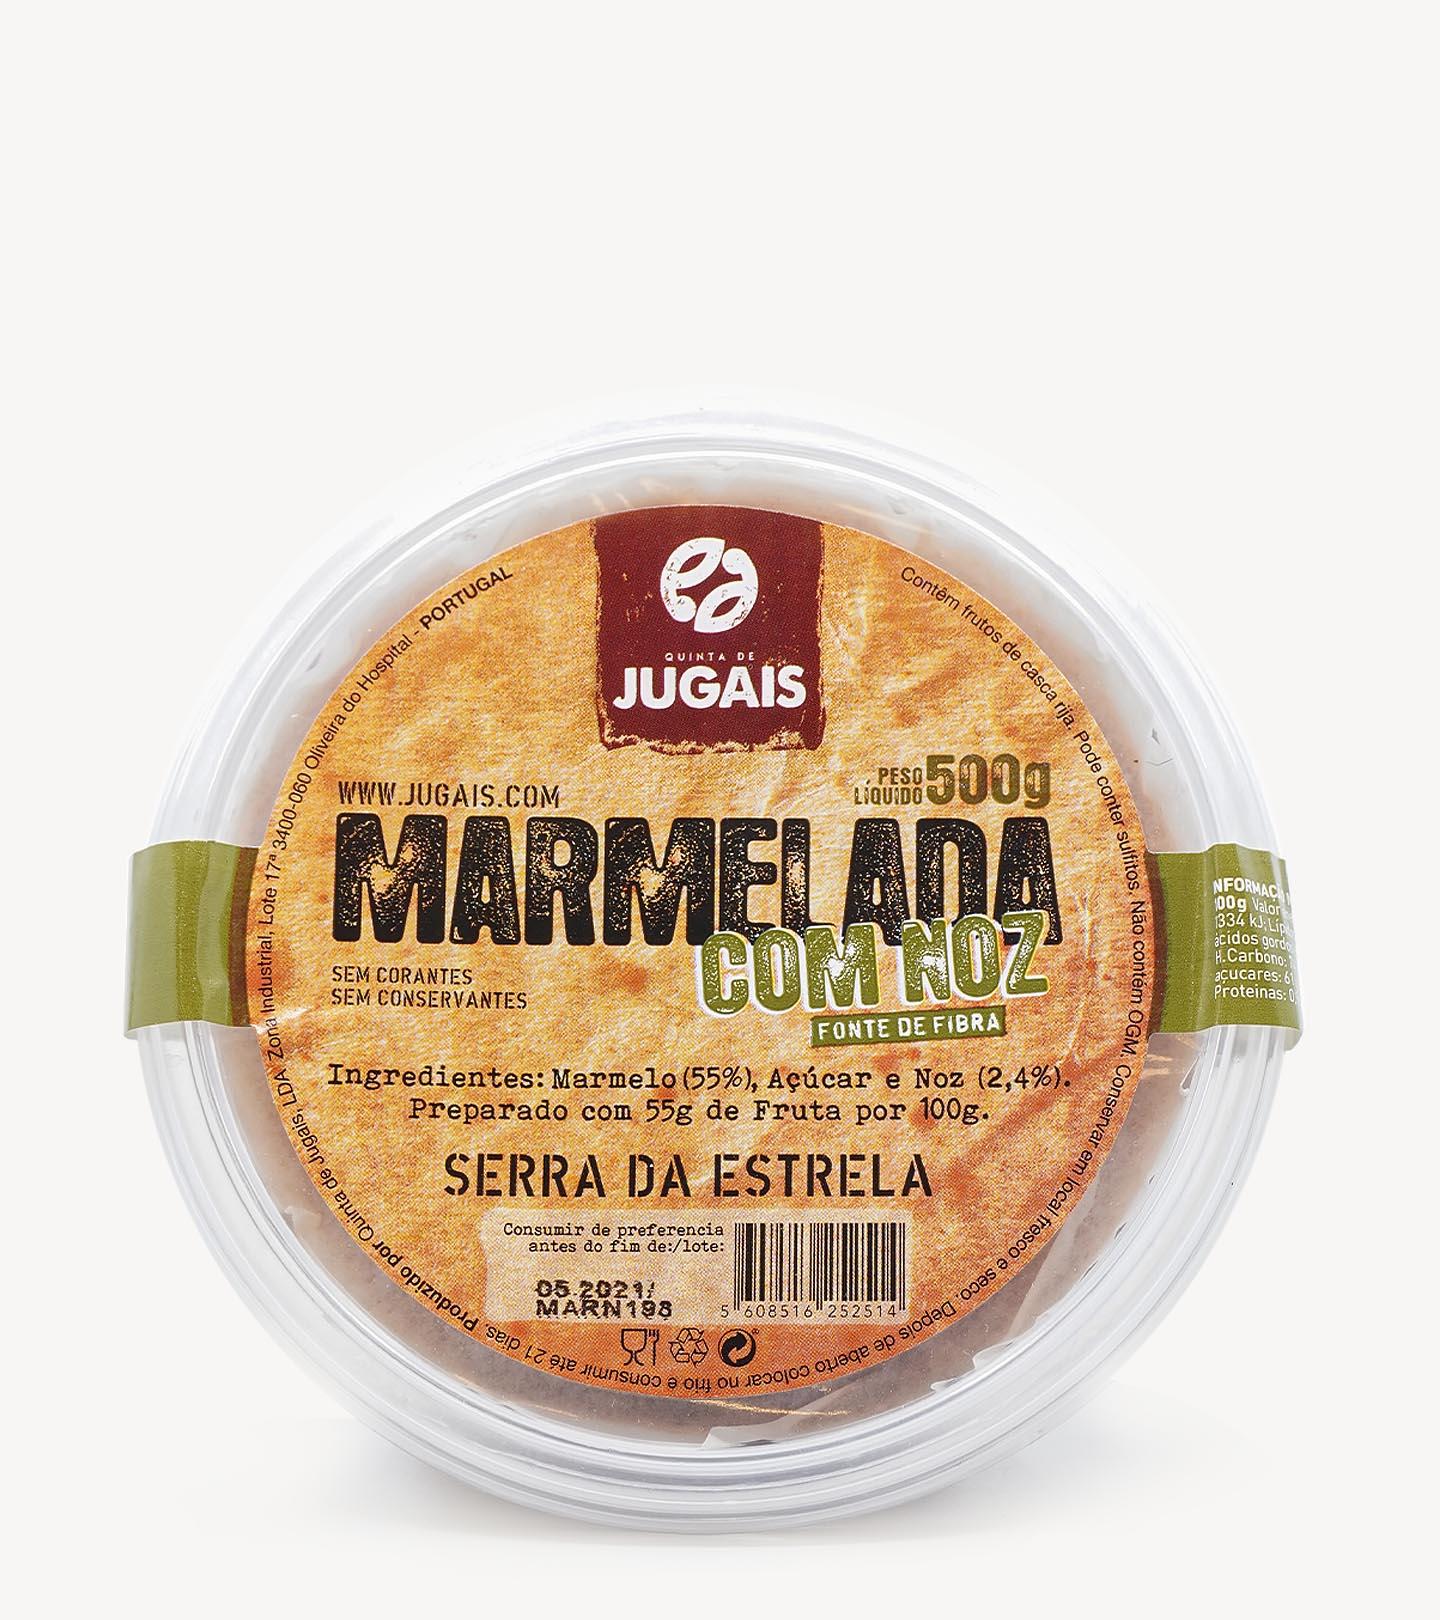 Marmelada com Noz Quinta de Jugais 500g